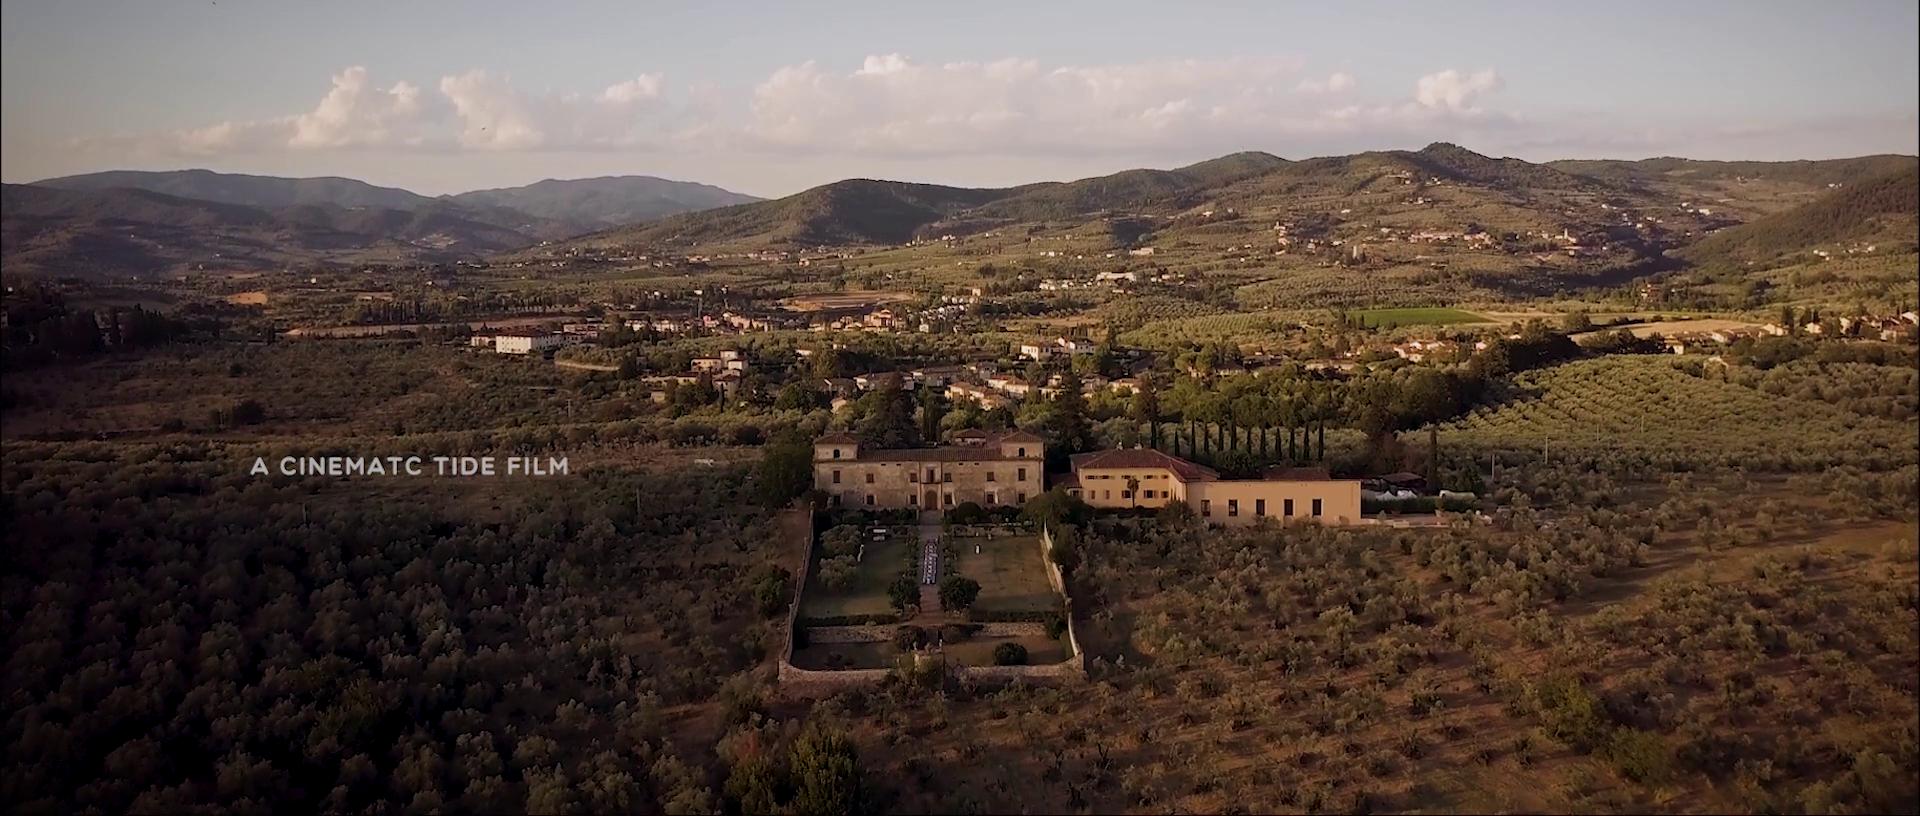 Brittany + Jesse | Tuscany, Italy | VVilla Medicea di Lilliano